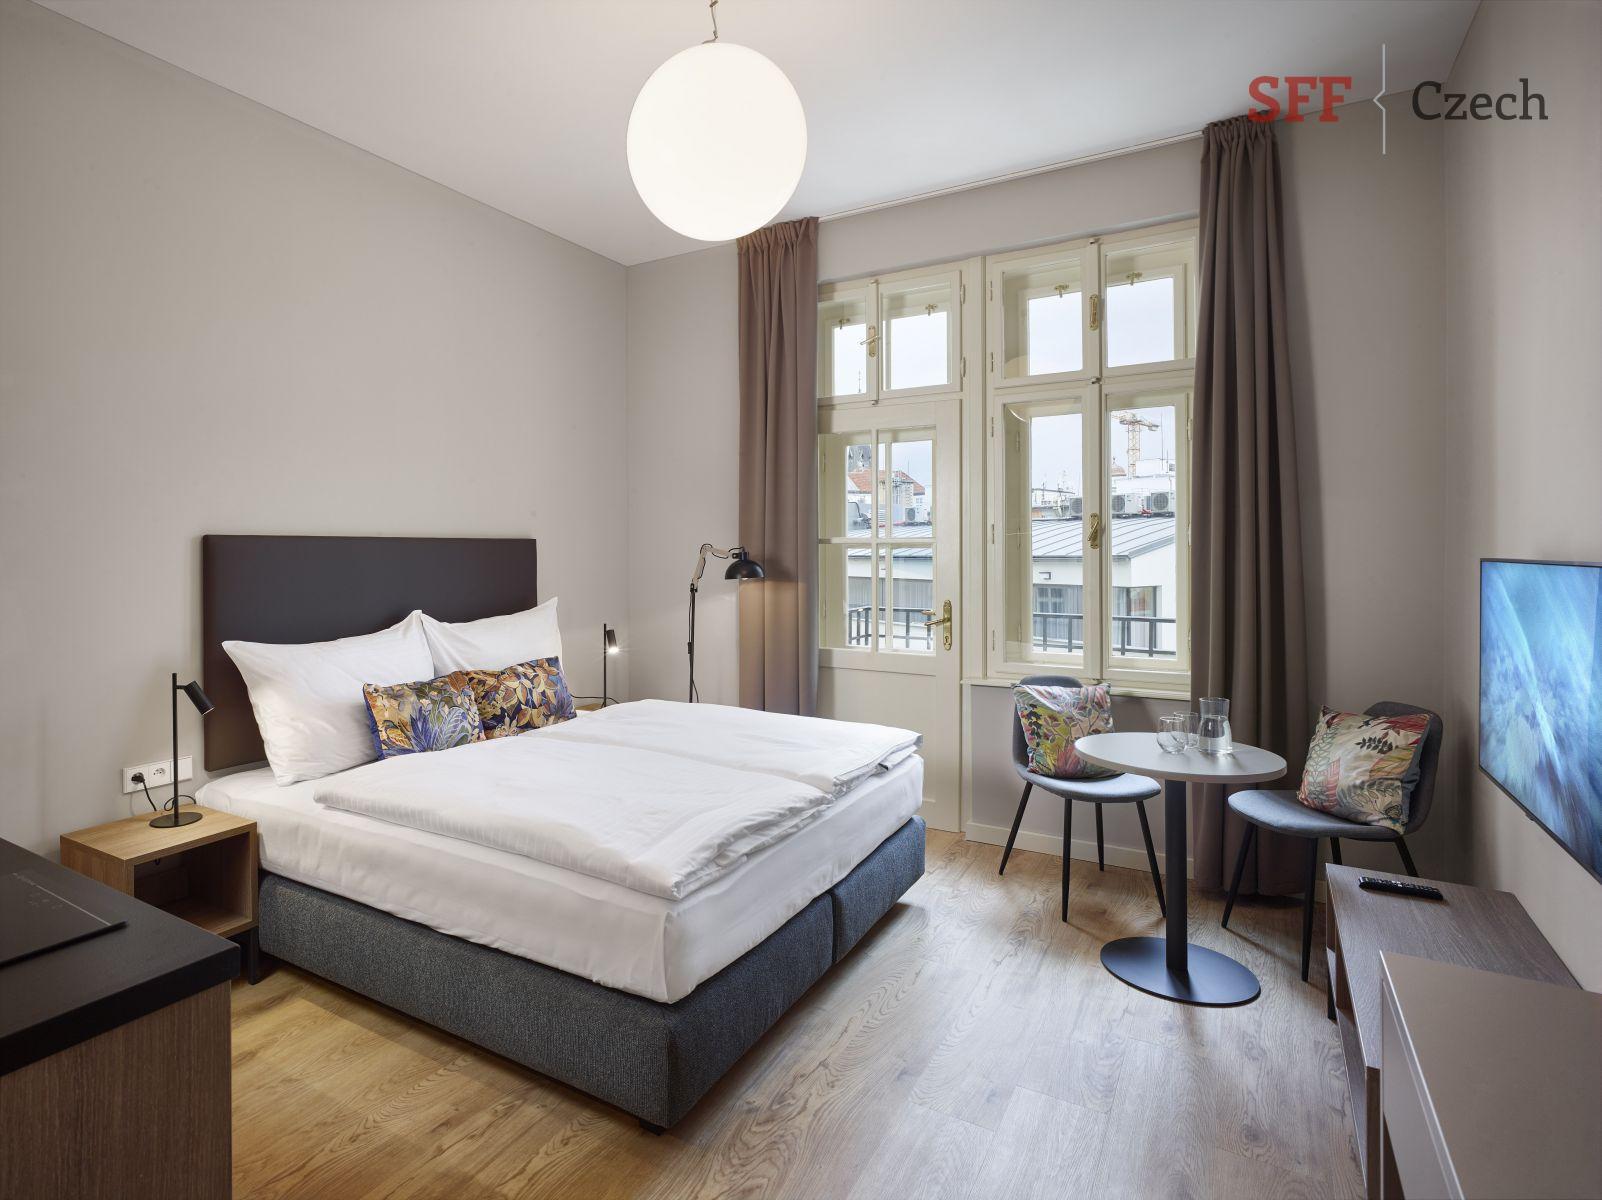 Krásné nové moderní plně vybavené studio k pronájmu Praha 1 Opletalova